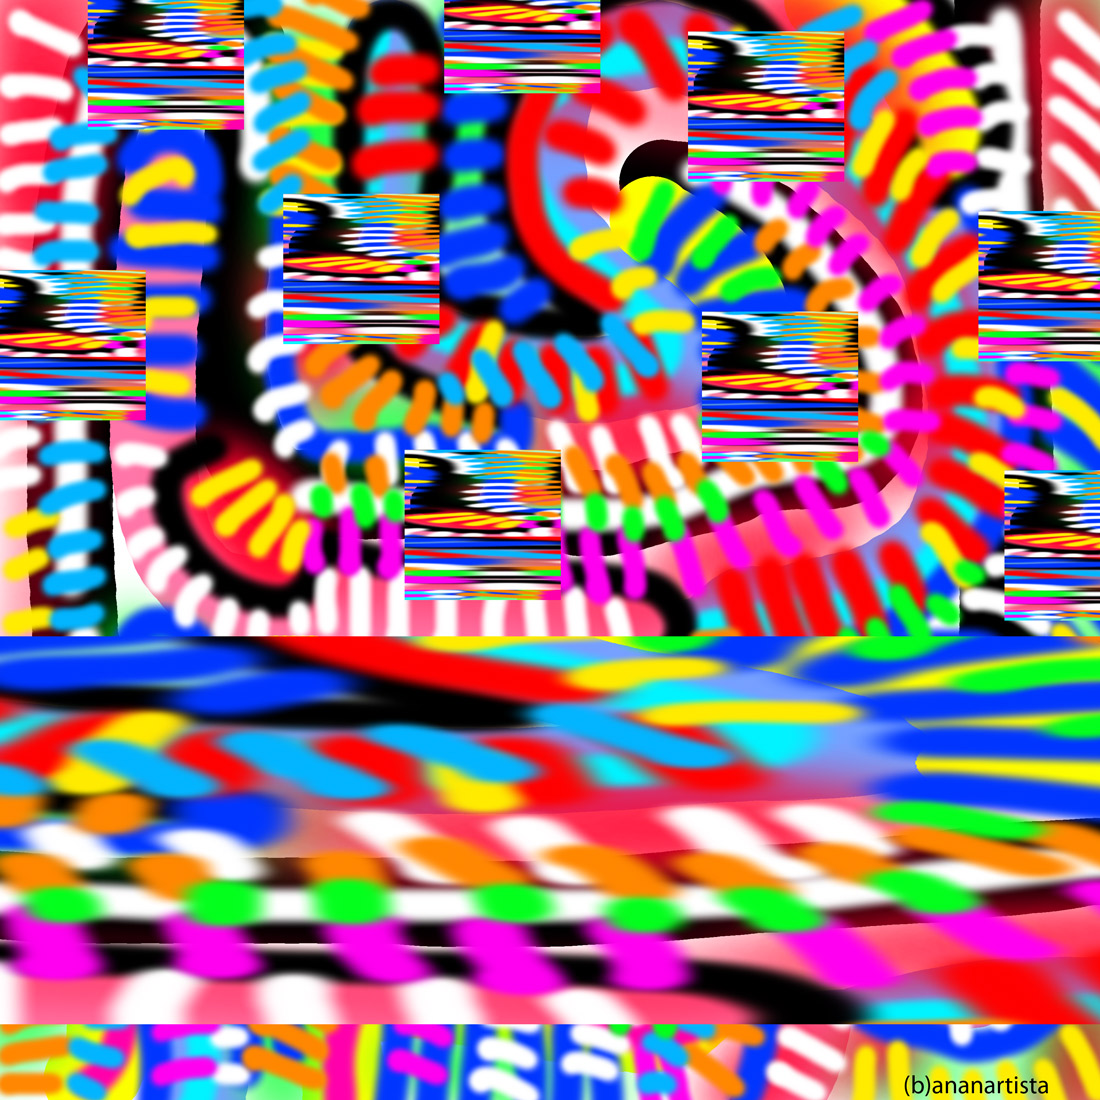 introspezione della bestia: dipinto digitale di (b)ananartista sbuff